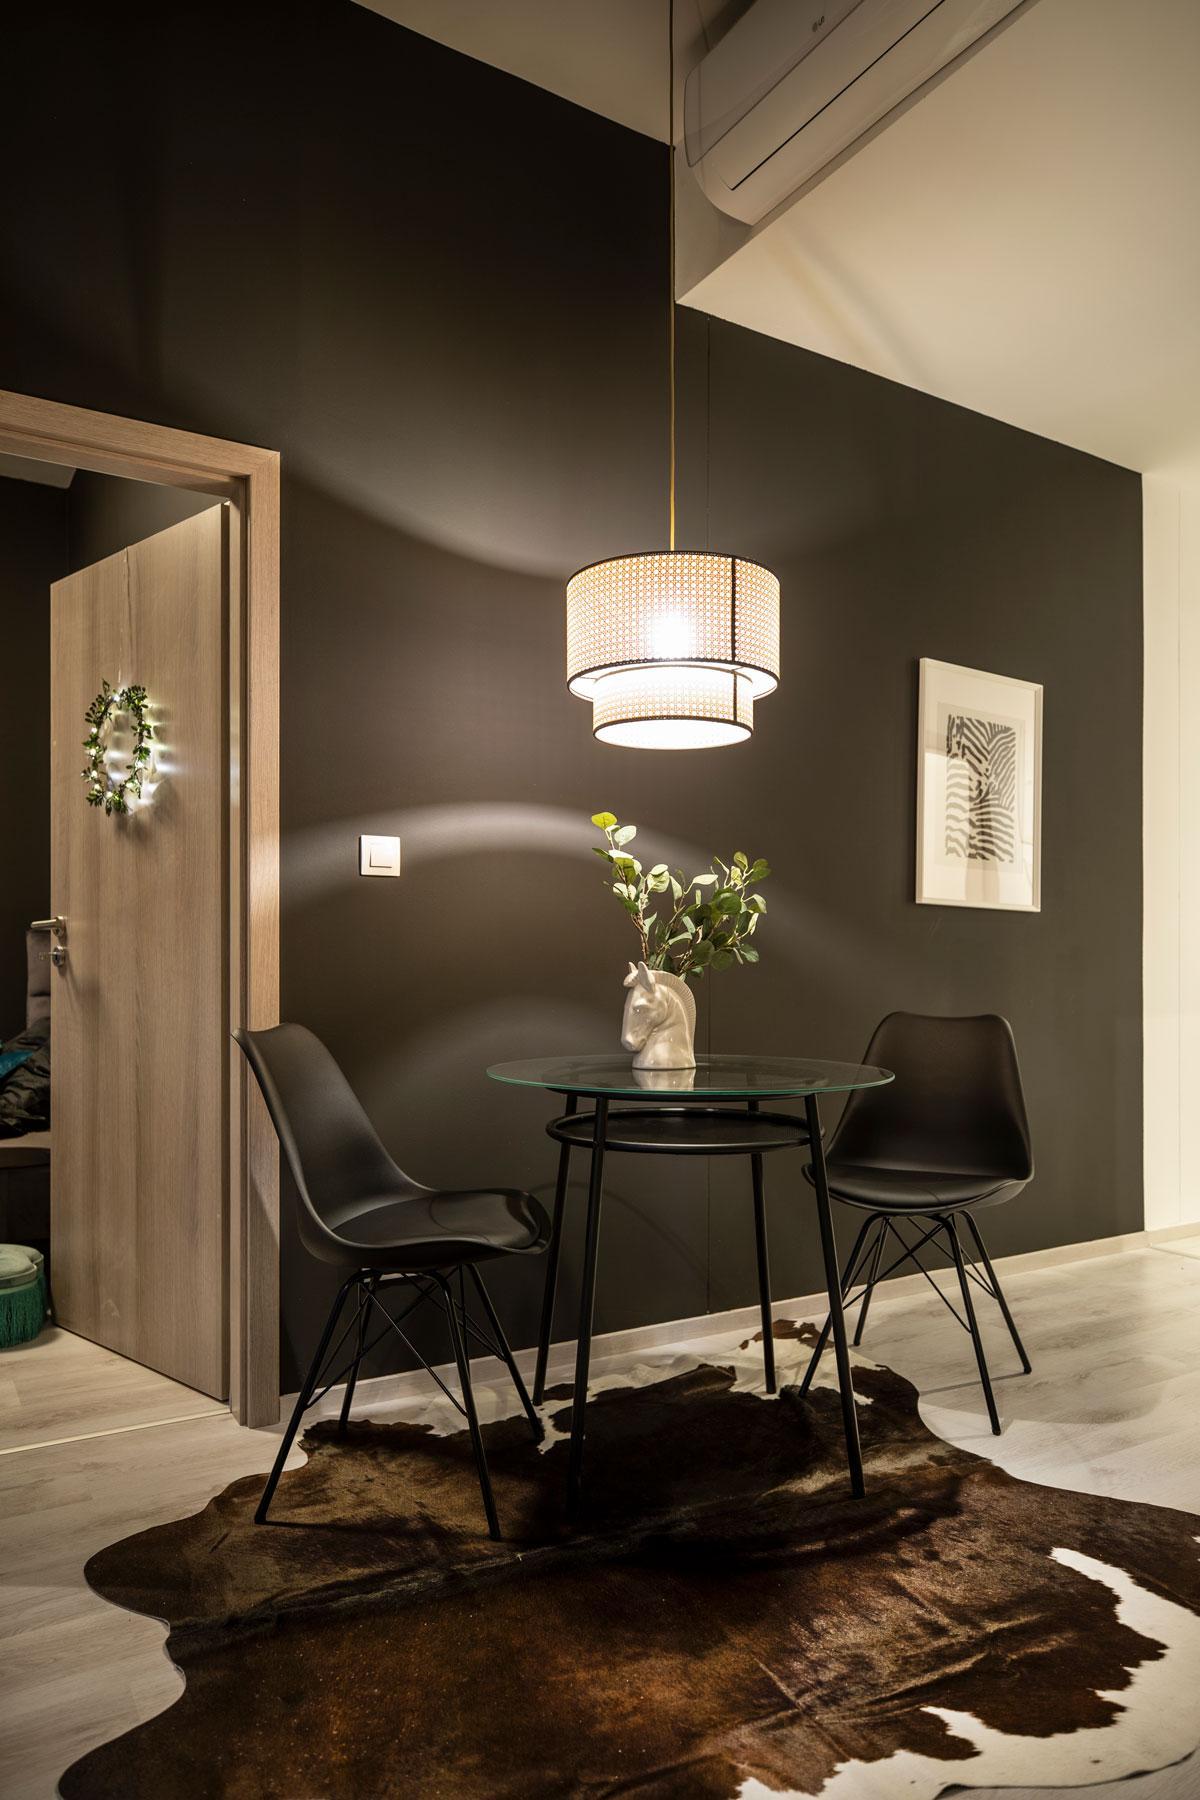 Vstúpte do interiéru, kde si prvé husle zahrali zlato a čierna - Čierne steny ako základ sú dominantnou a skutočne neprehliadnuteľnou súčasťou tohto bytu. V kombinácii s bielou a drevom ide o nadčasovú kombináciu, ktorej žiara svetiel skutočne pristane.